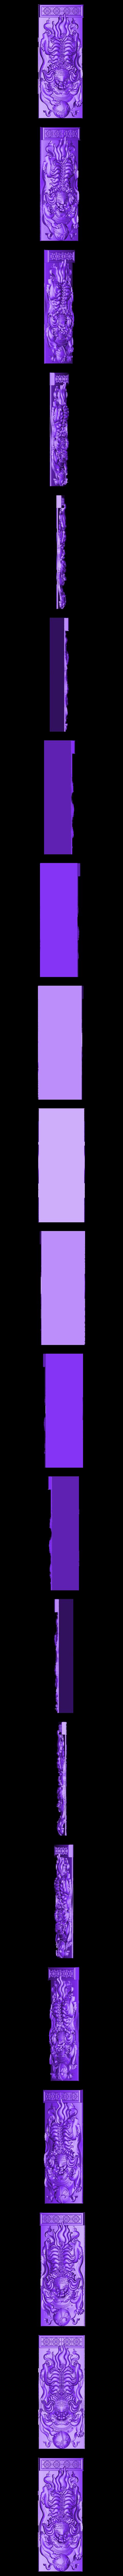 traditional_lion.stl Télécharger fichier STL gratuit Lion • Modèle imprimable en 3D, stlfilesfree